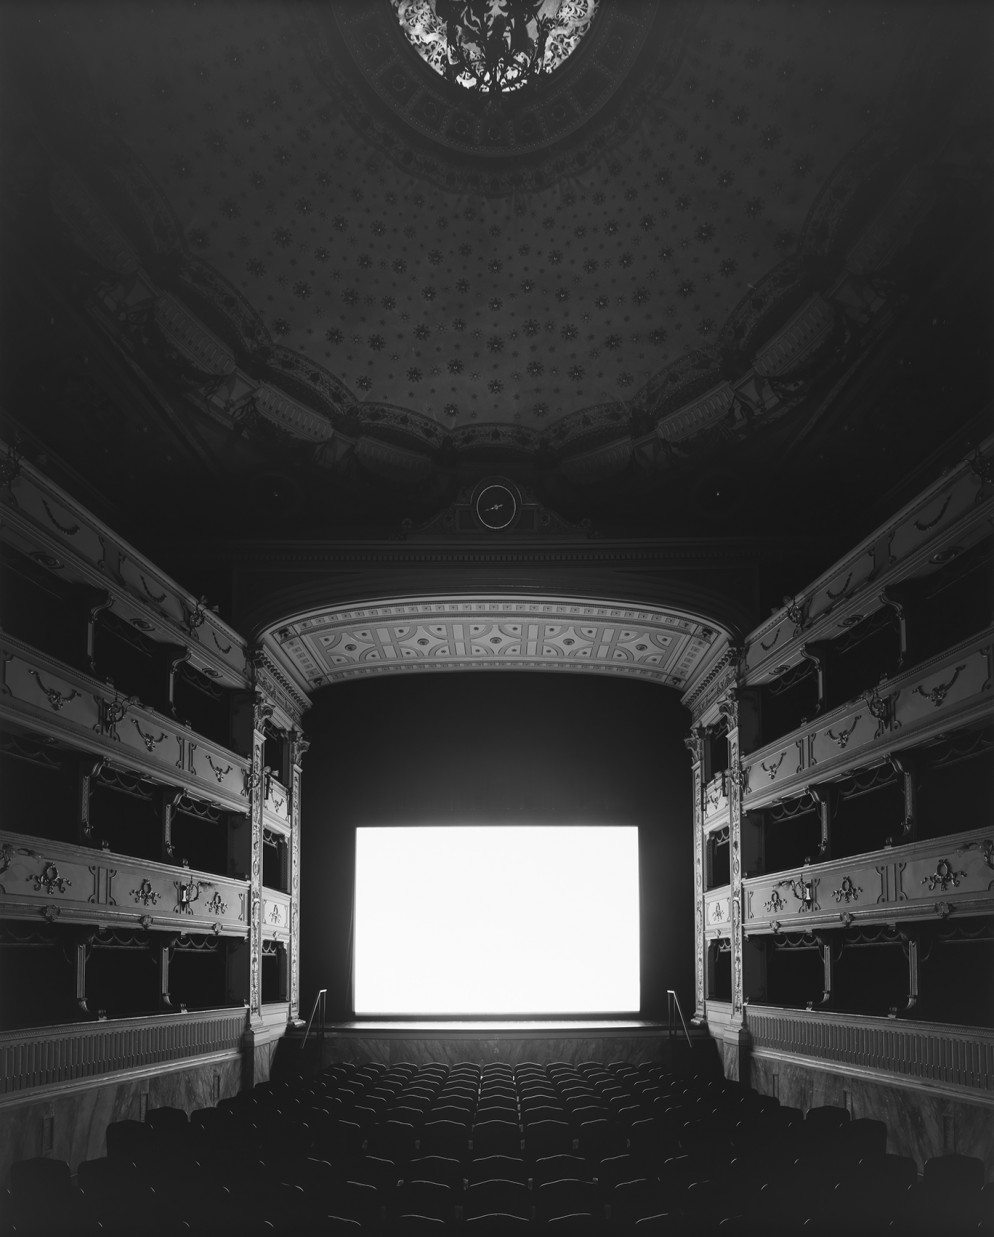 34.004_Teatro dei Rozzi, Siena 2014, Summer Time